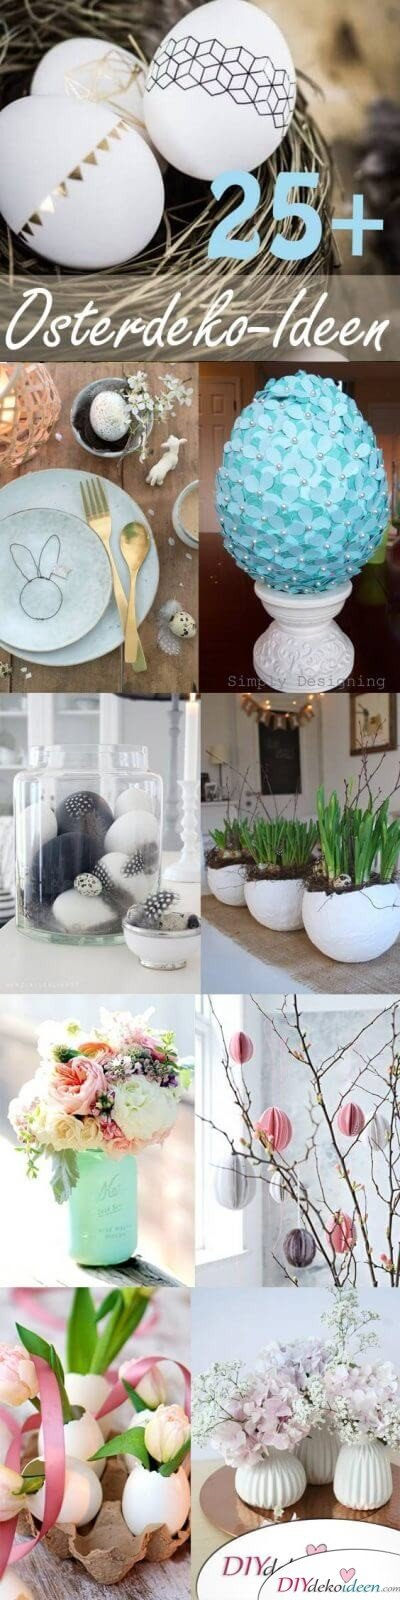 25 + DIY Deko Ideen zu Ostern, Wunderschöne DIY Osterdeko-Ideen